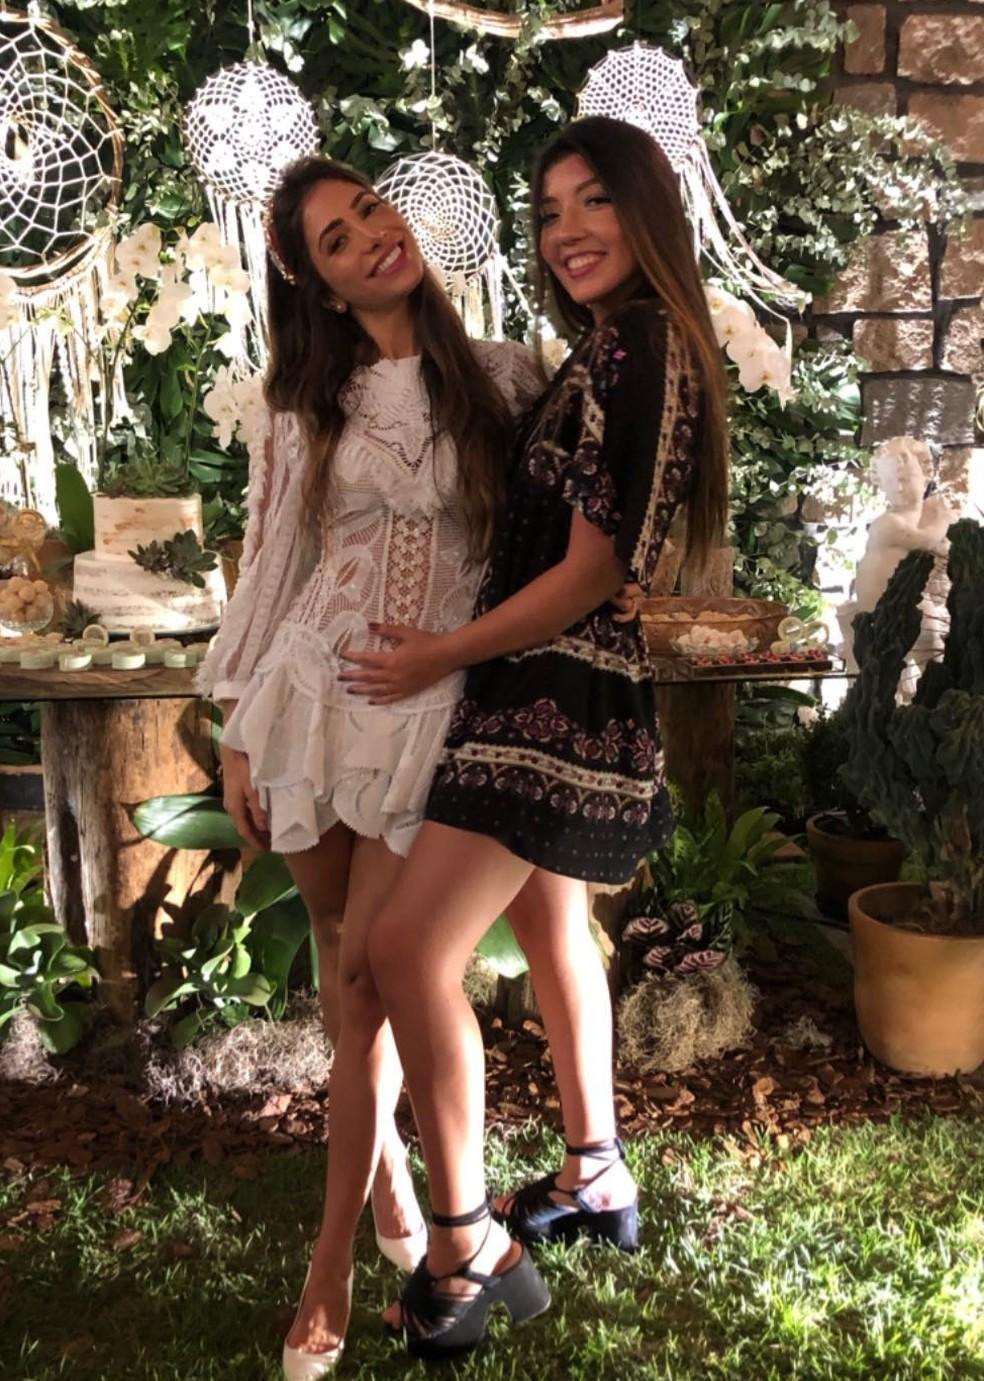 Romana Novais e a cunhada Jaya Petrillo na foto que levantou suspeitas de uma possível gravidez, já negada pela médica — Foto: Reprodução/Instagram